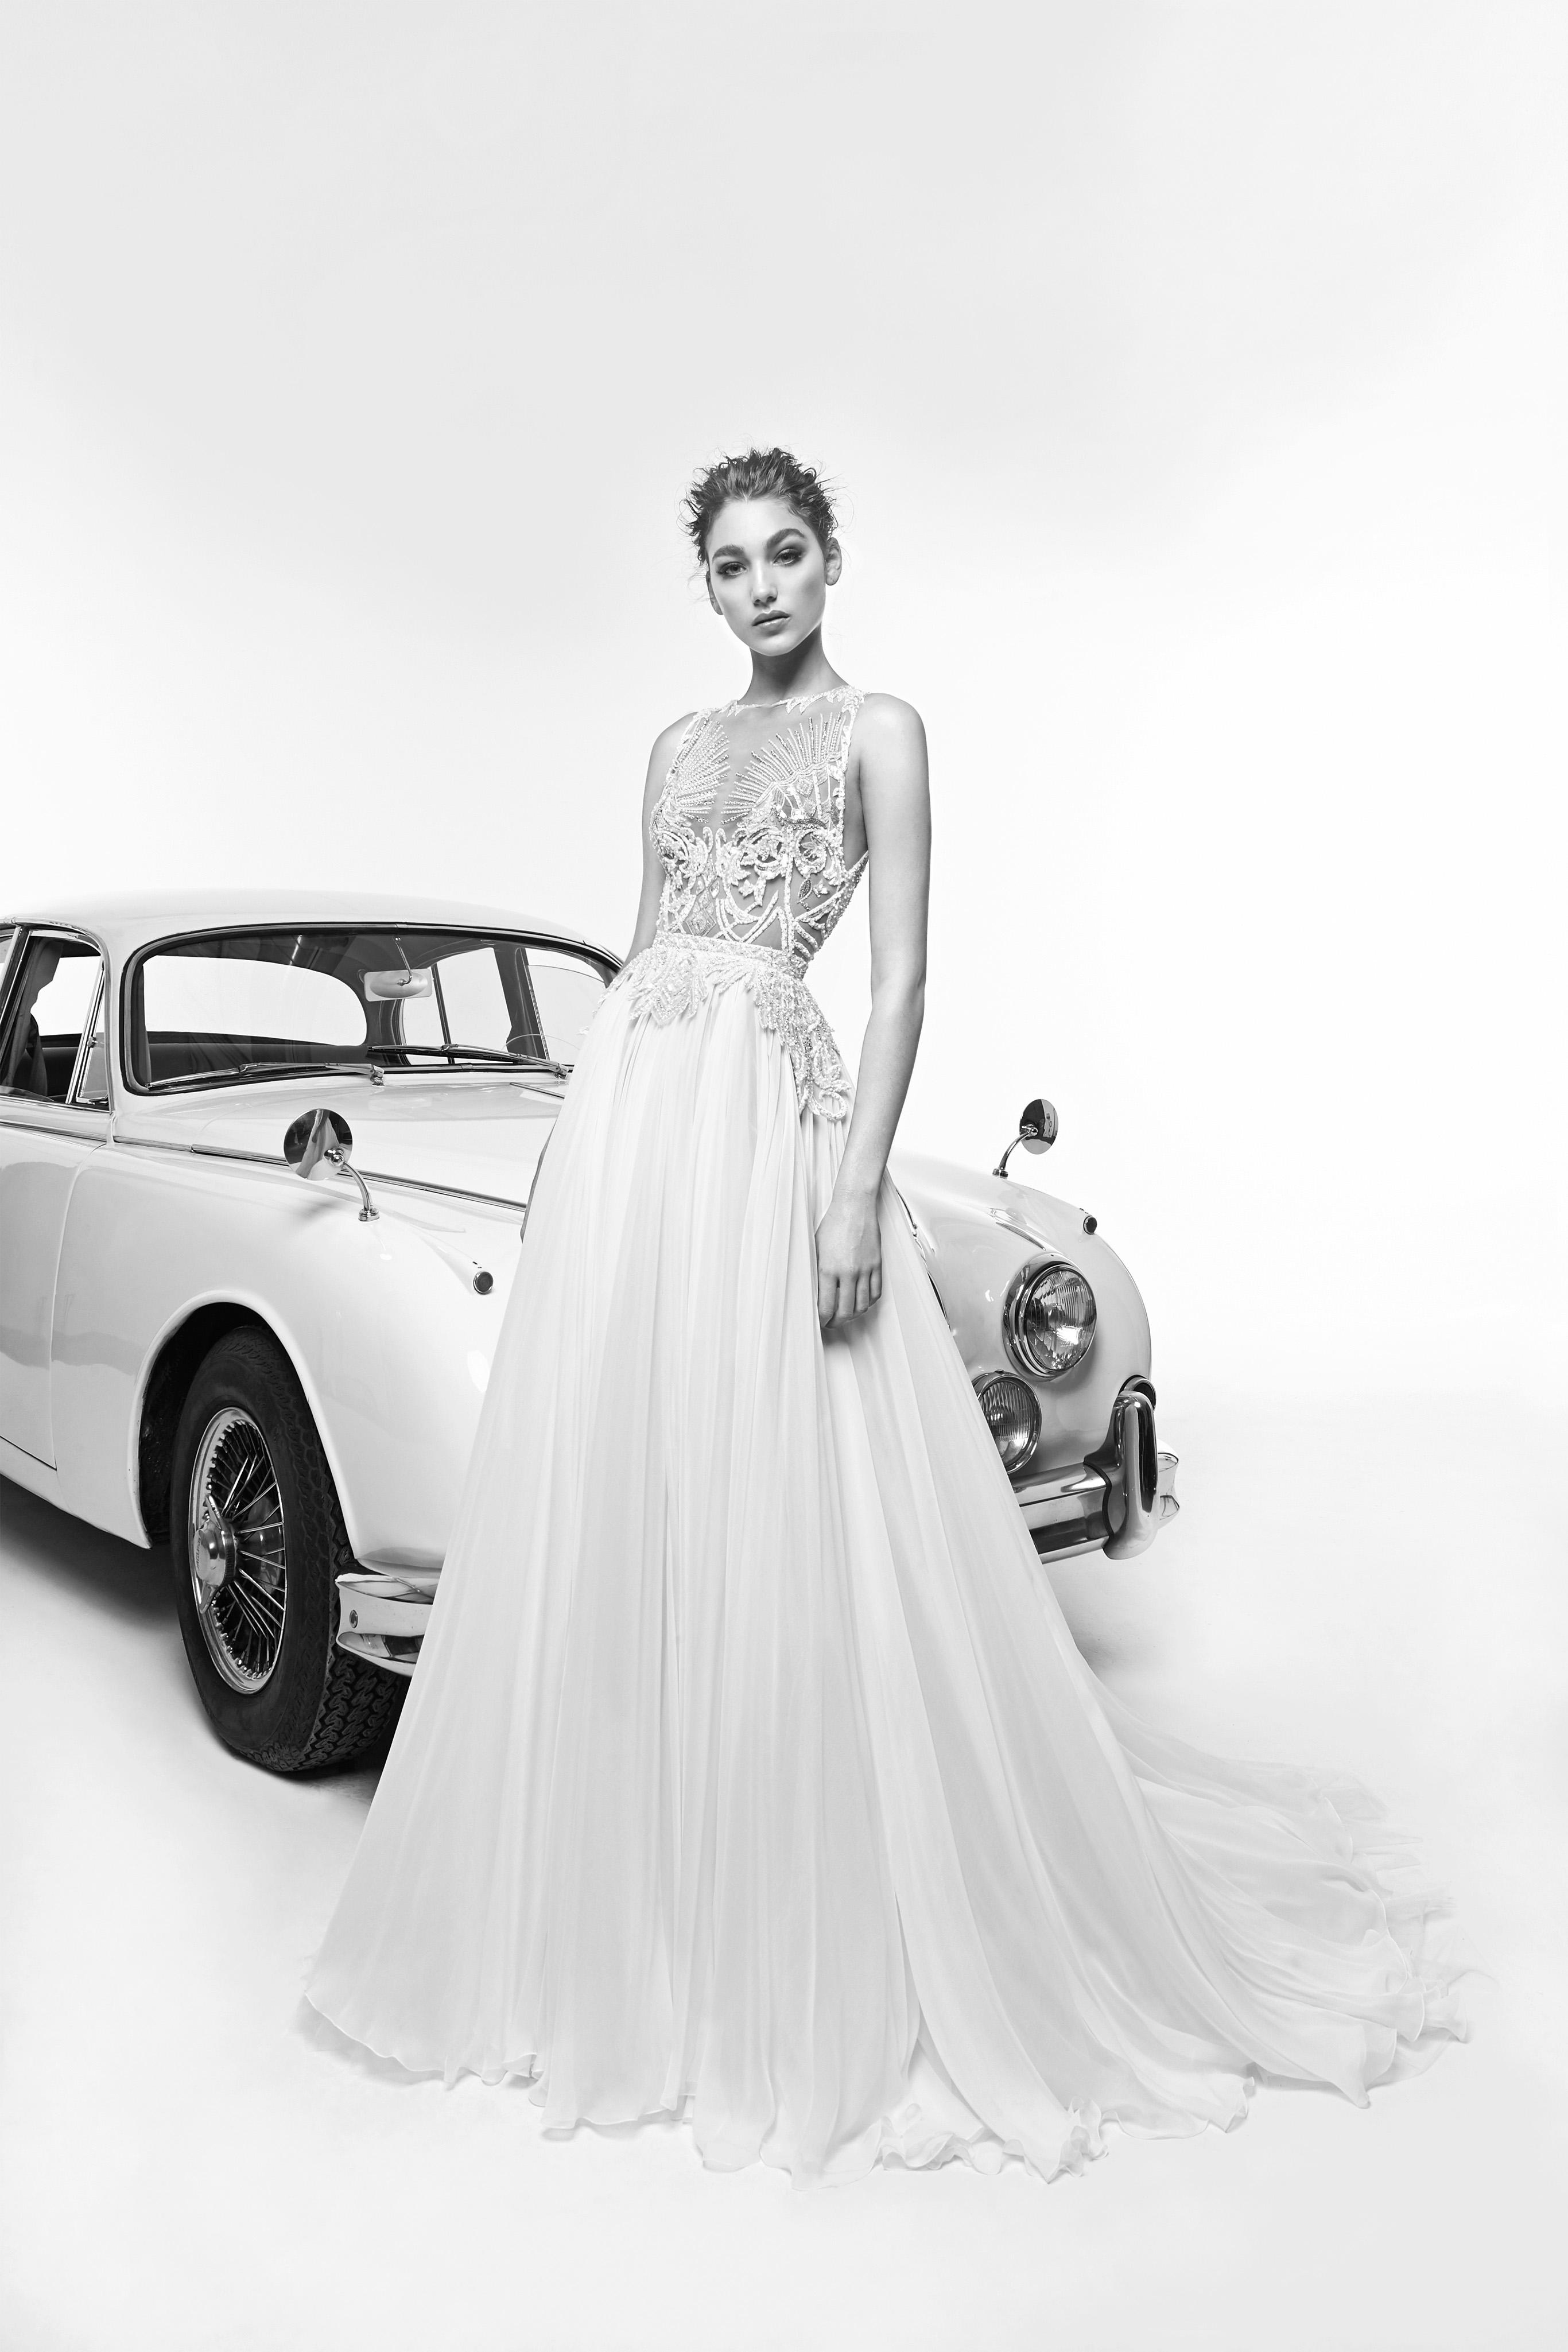 zuhair murad wedding dress spring 2019 high neck a-line